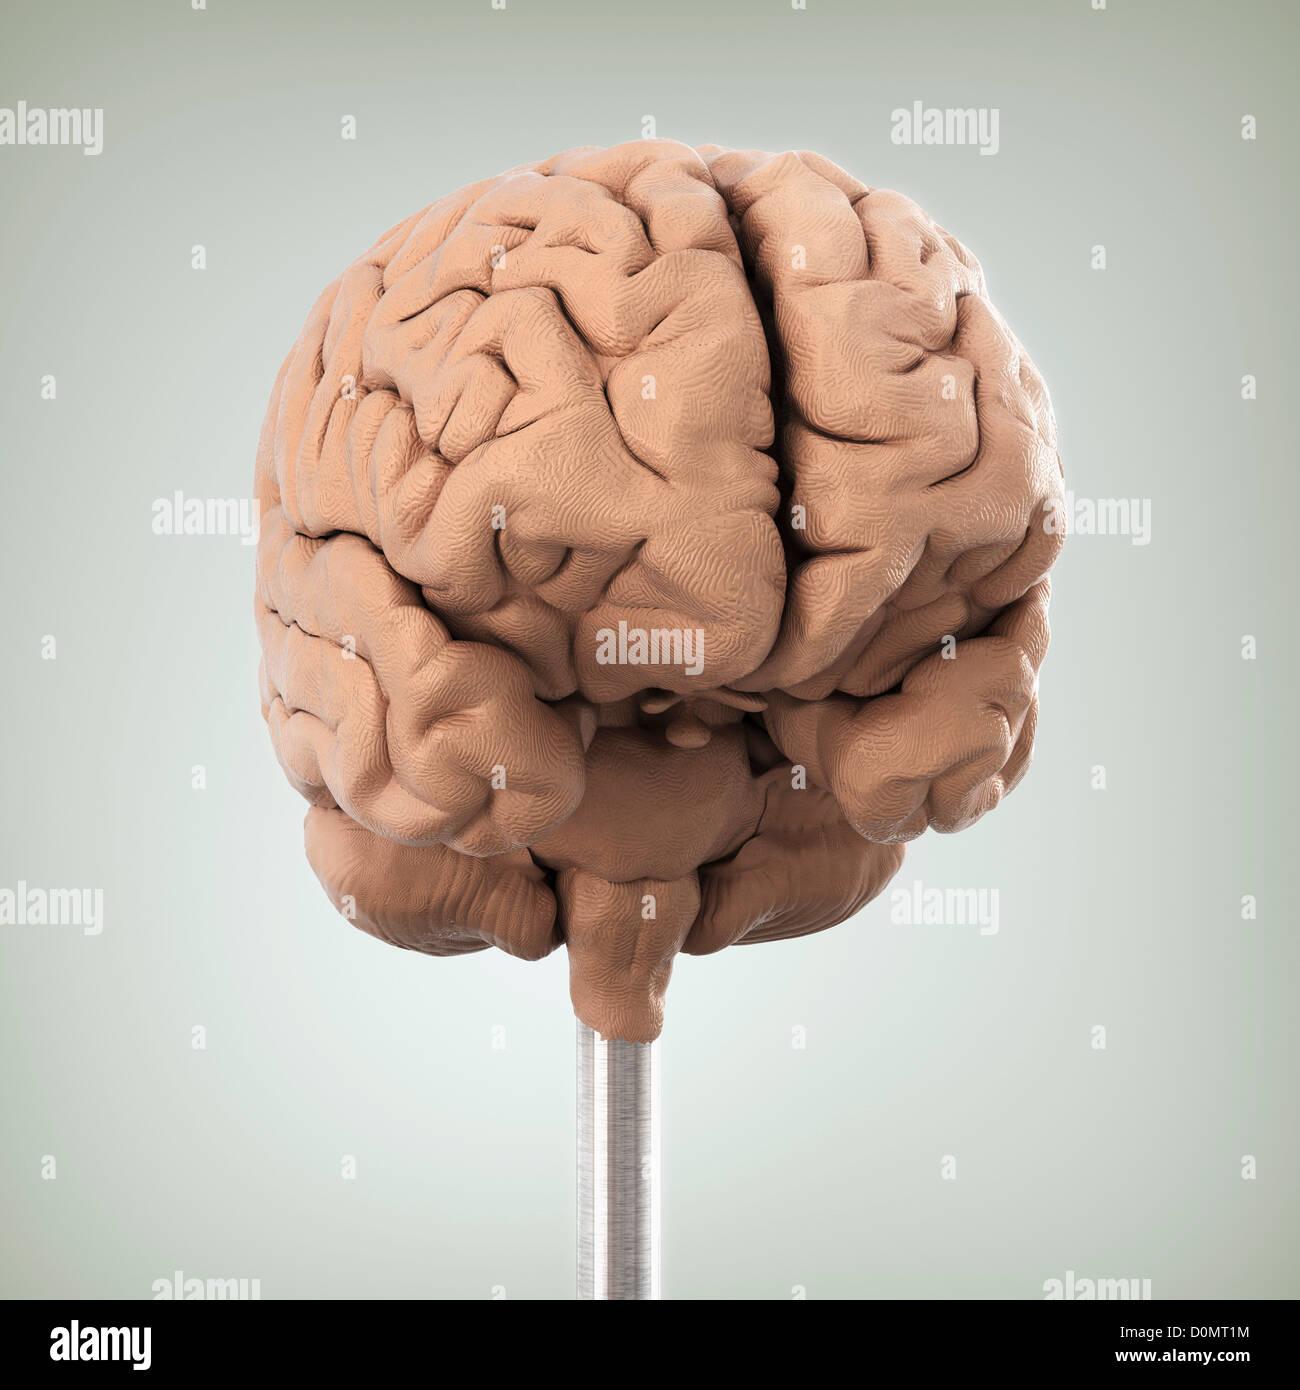 Wunderbar Gesichtsnerv Anatomie Animation Bilder - Anatomie Von ...